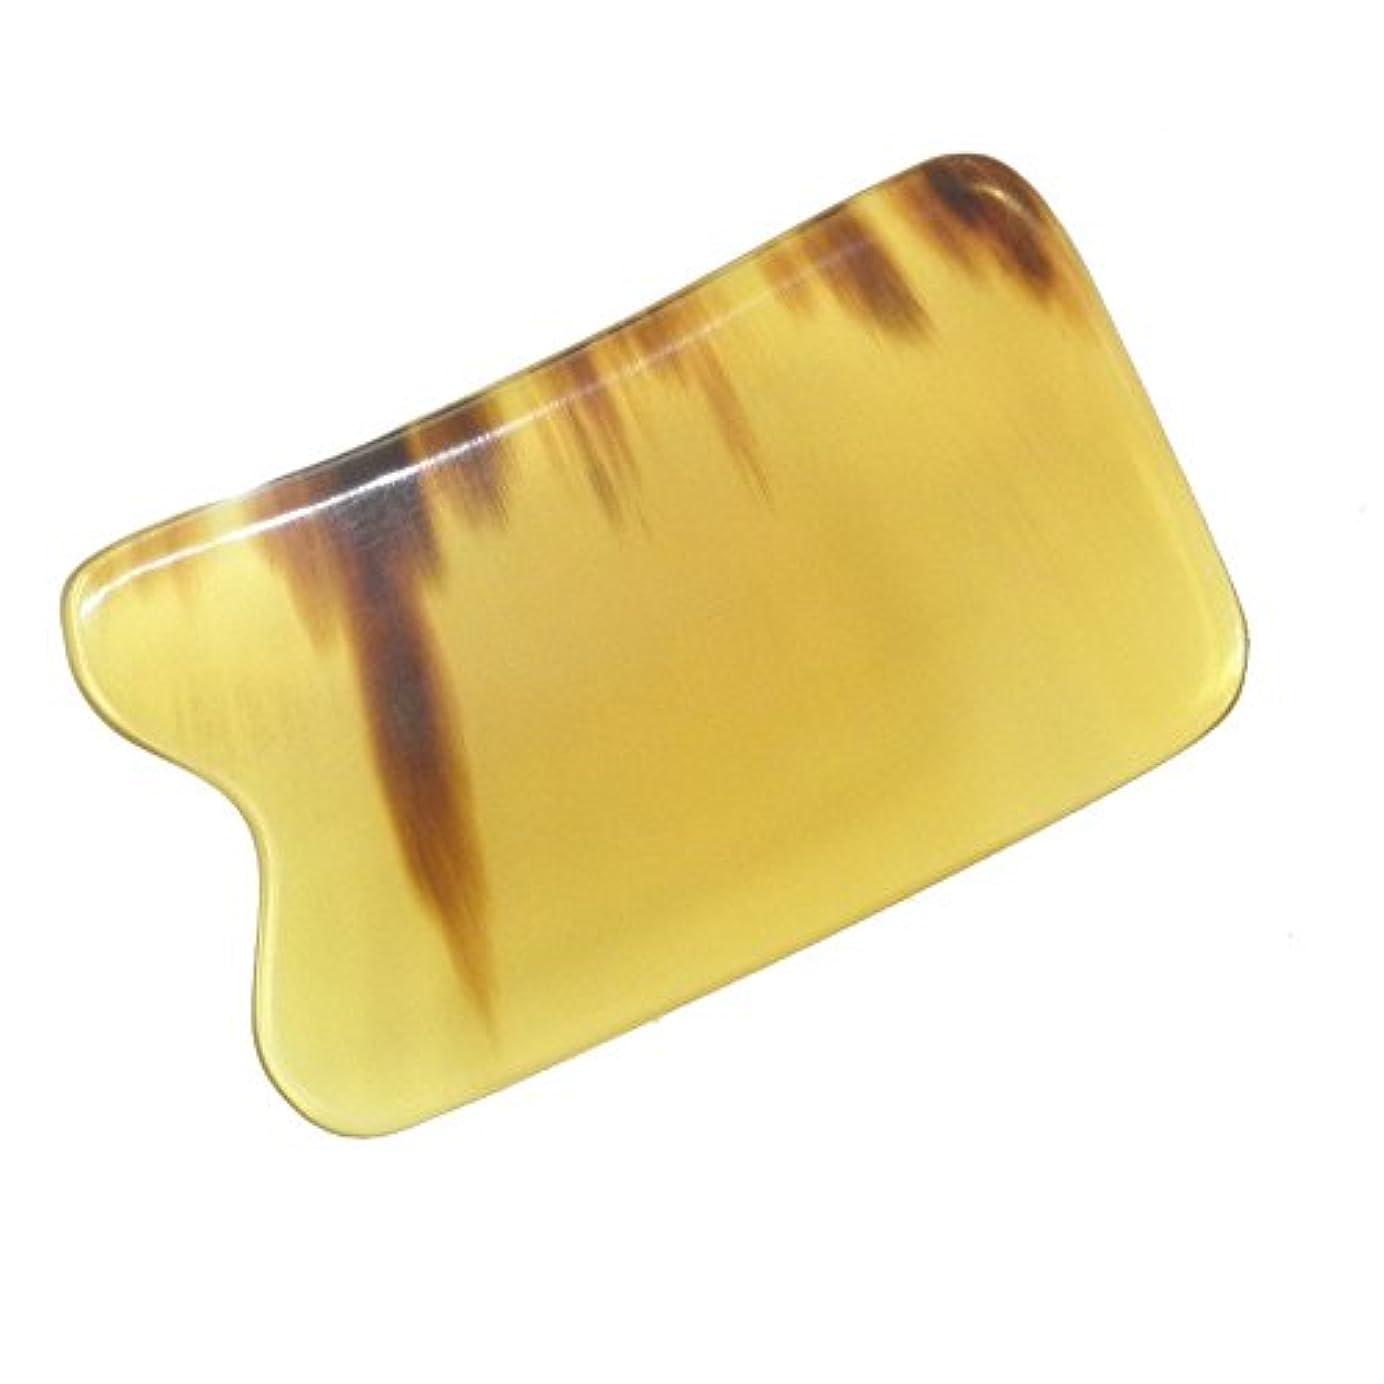 名誉あるゲートウェイ想定するかっさ プレート 厚さが選べる 水牛の角(黄水牛角) EHE219SP 四角凹 特級品 少し薄め(4ミリ程度)